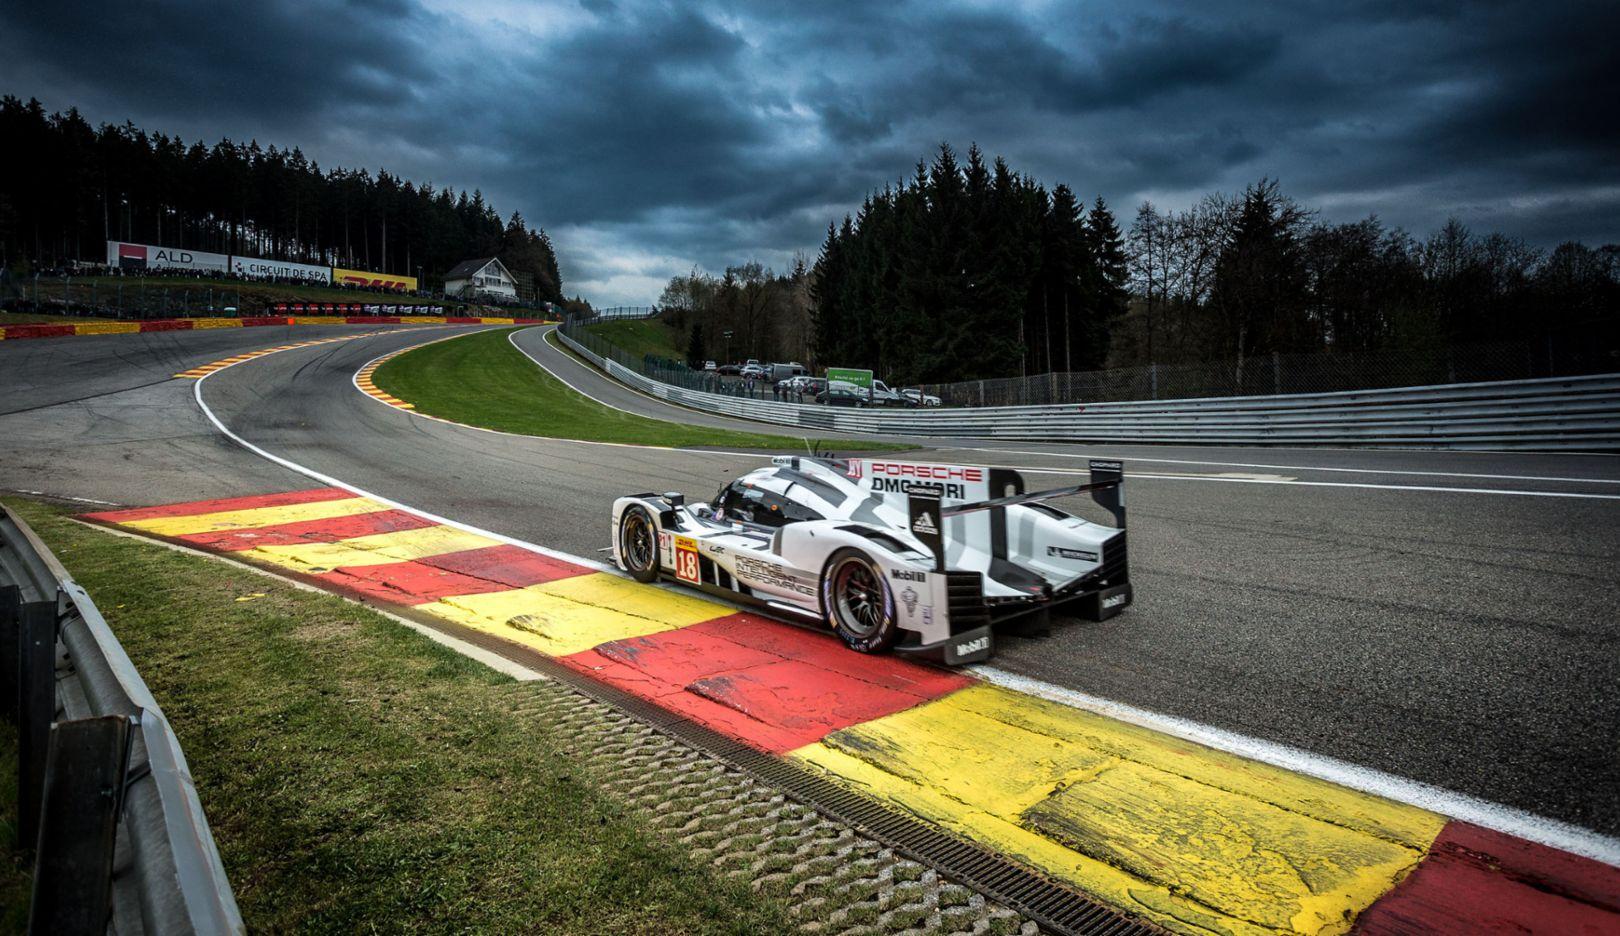 Porsche 919 Hybrid, Porsche Team, Spa 2015, Porsche AG